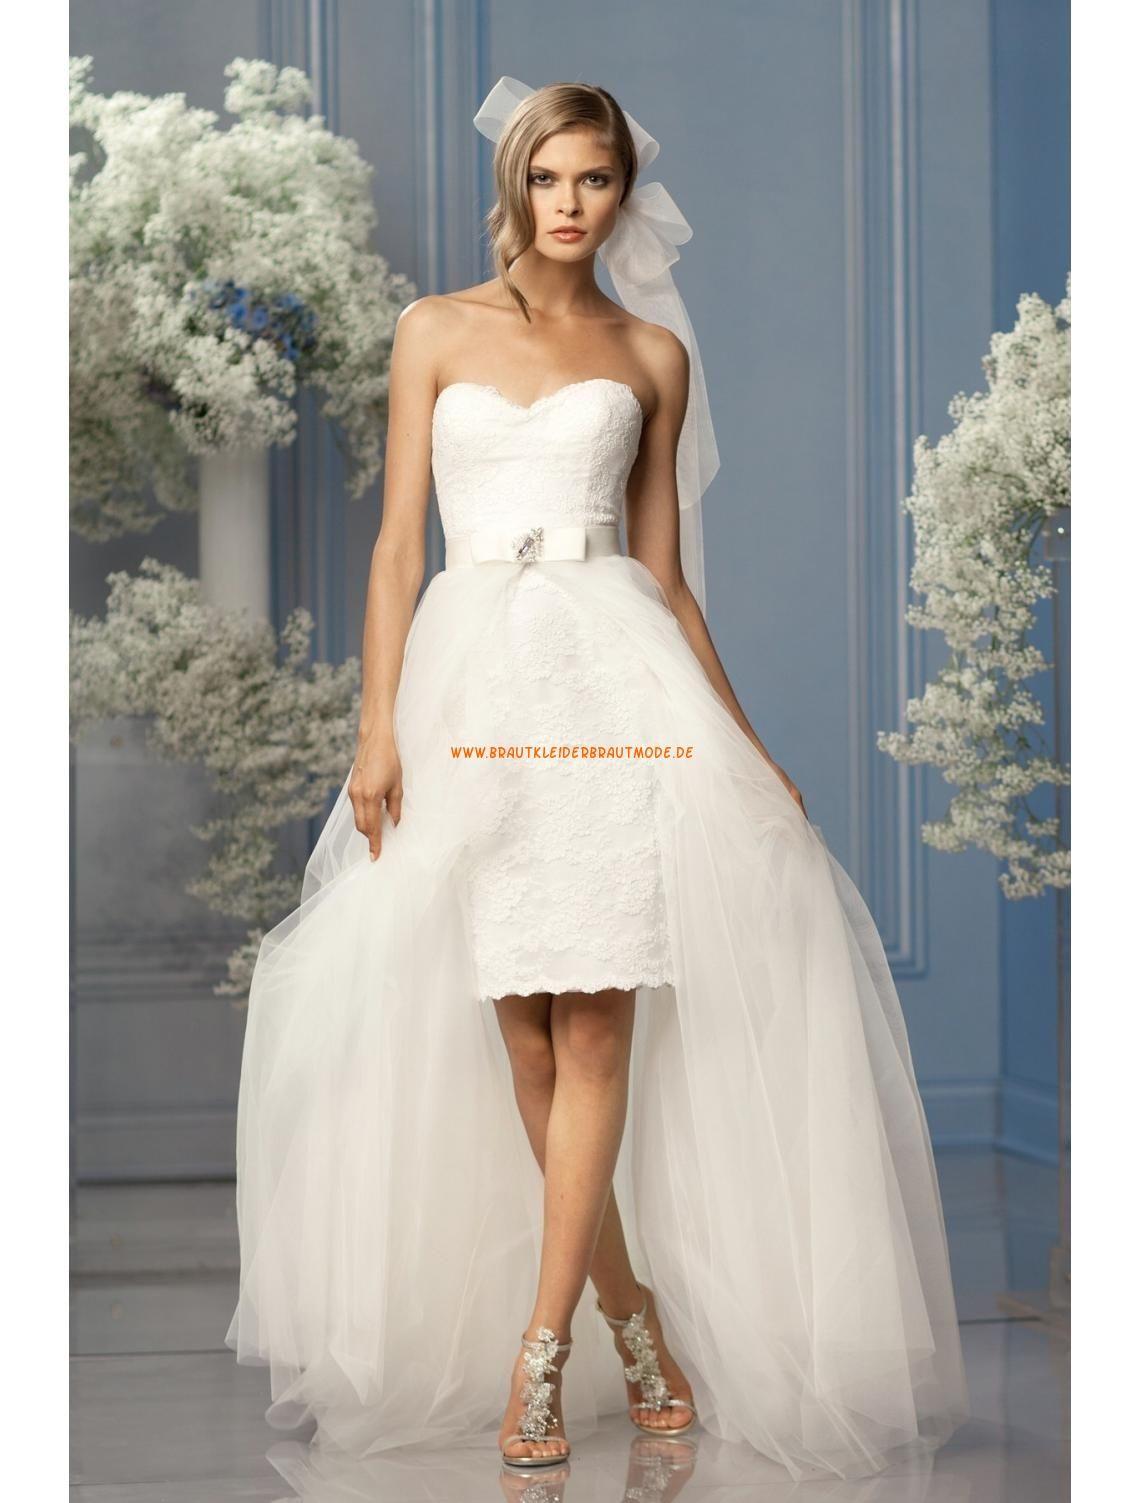 Süße Liebste Designe Brautkleider aus Softnetz | Romantische ...